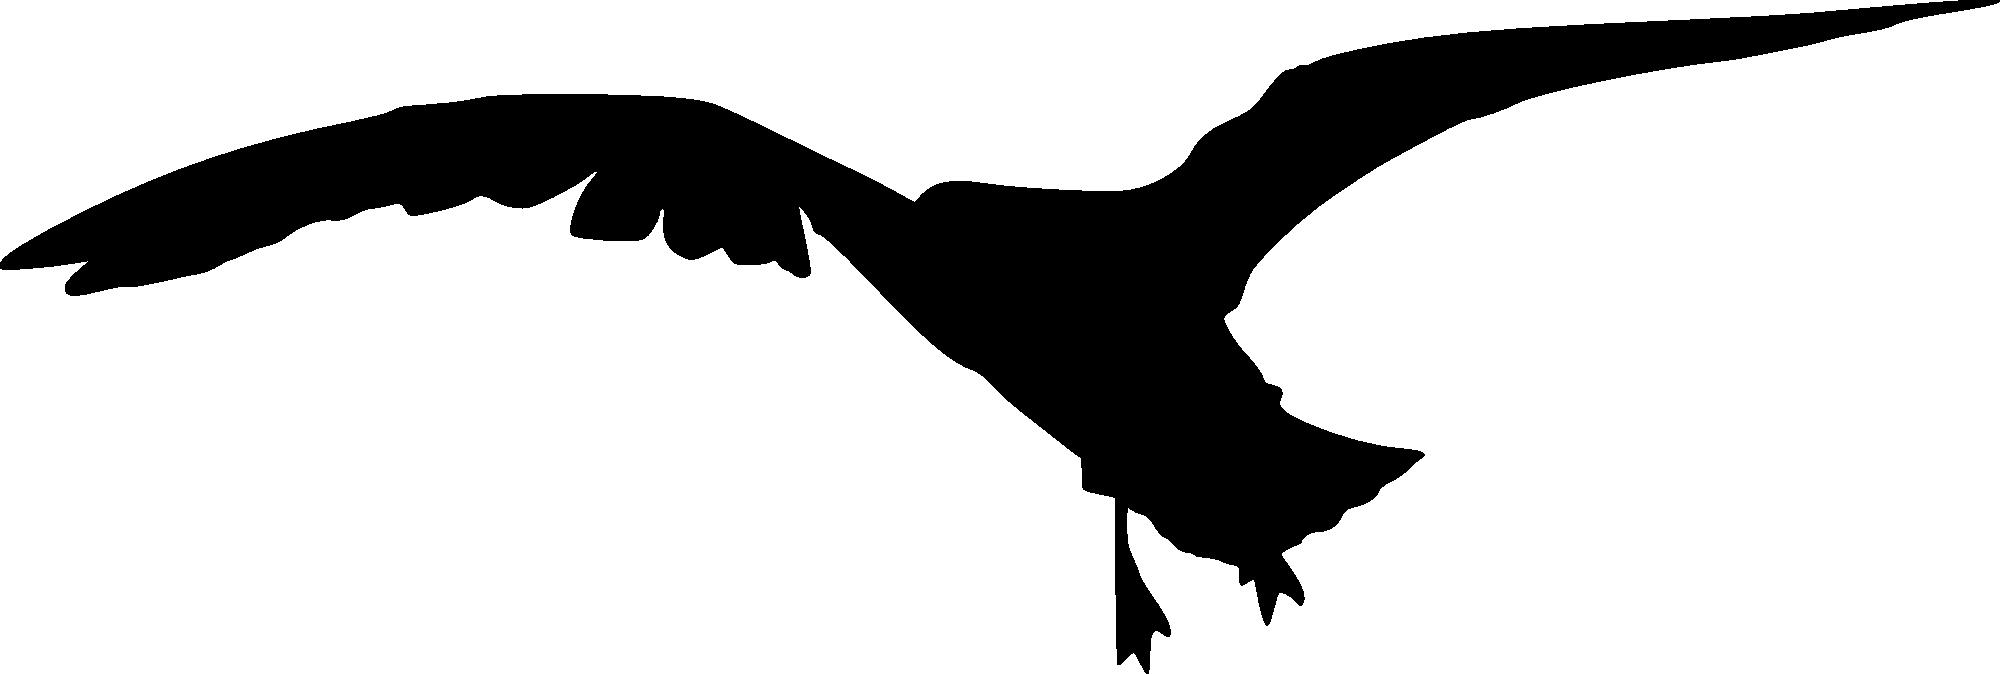 Peregrine Falcon Silhouette